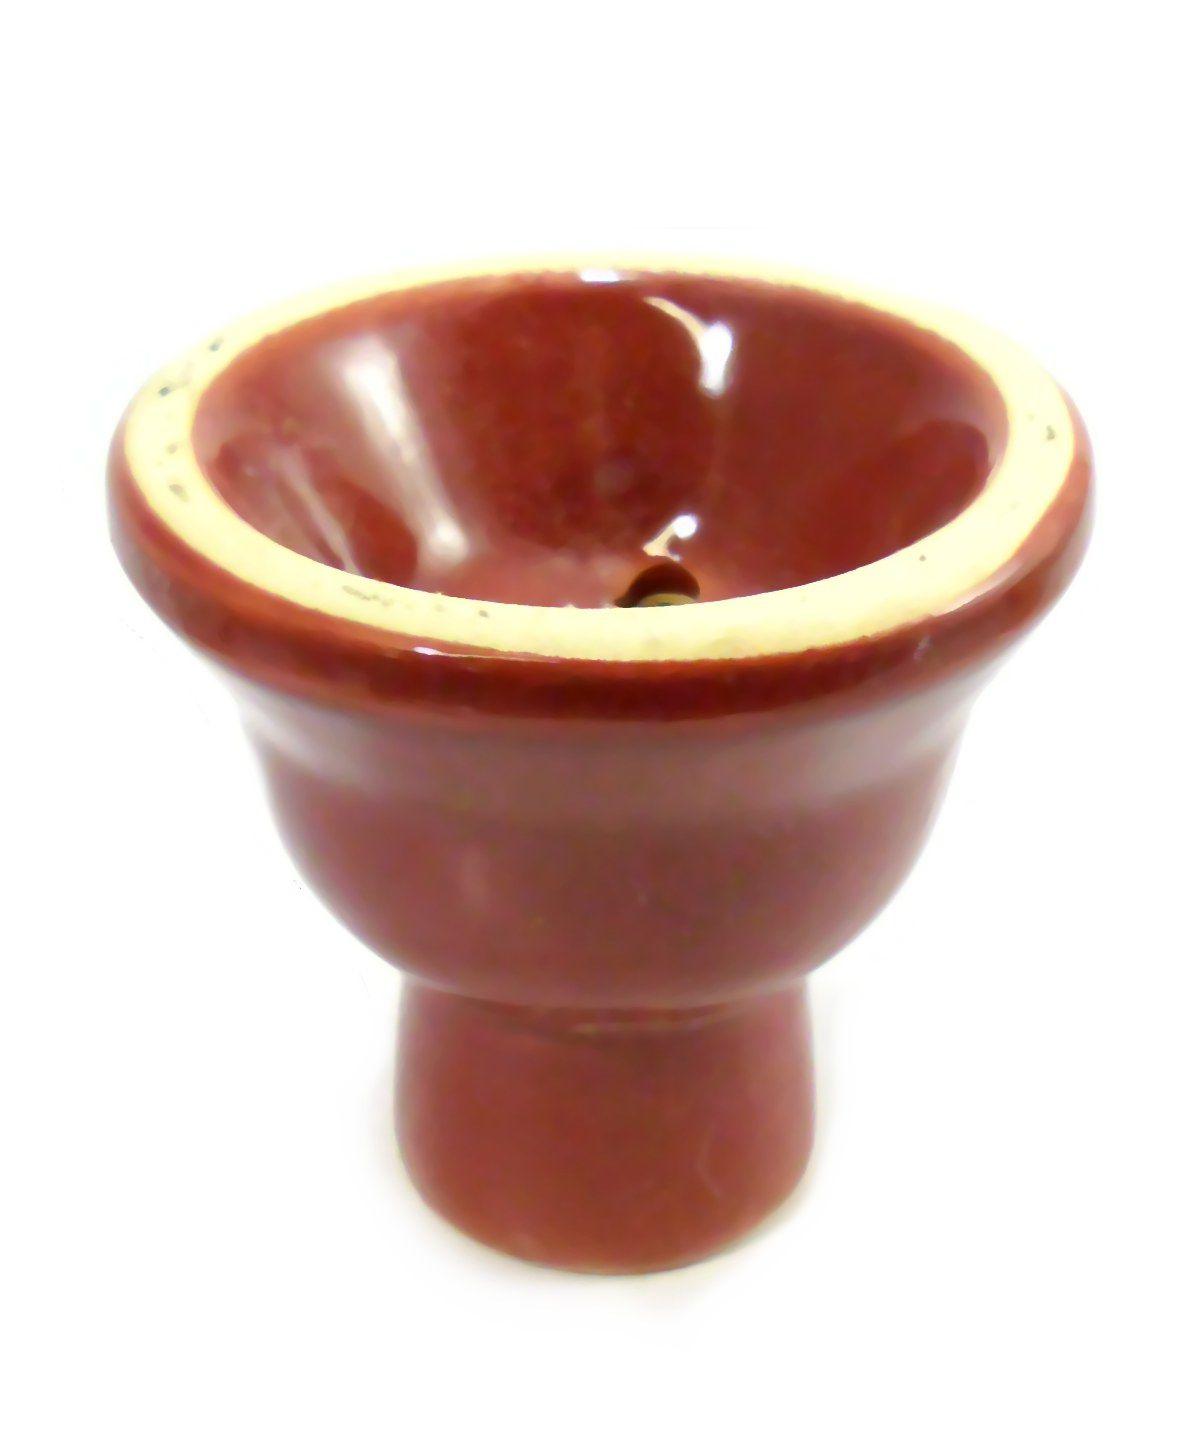 Fornilho/Rosh para narguile, em cerâmica, modelo tradicional (5 furos). 6,0cm alt., 6,0cm de diâm. Vermelho